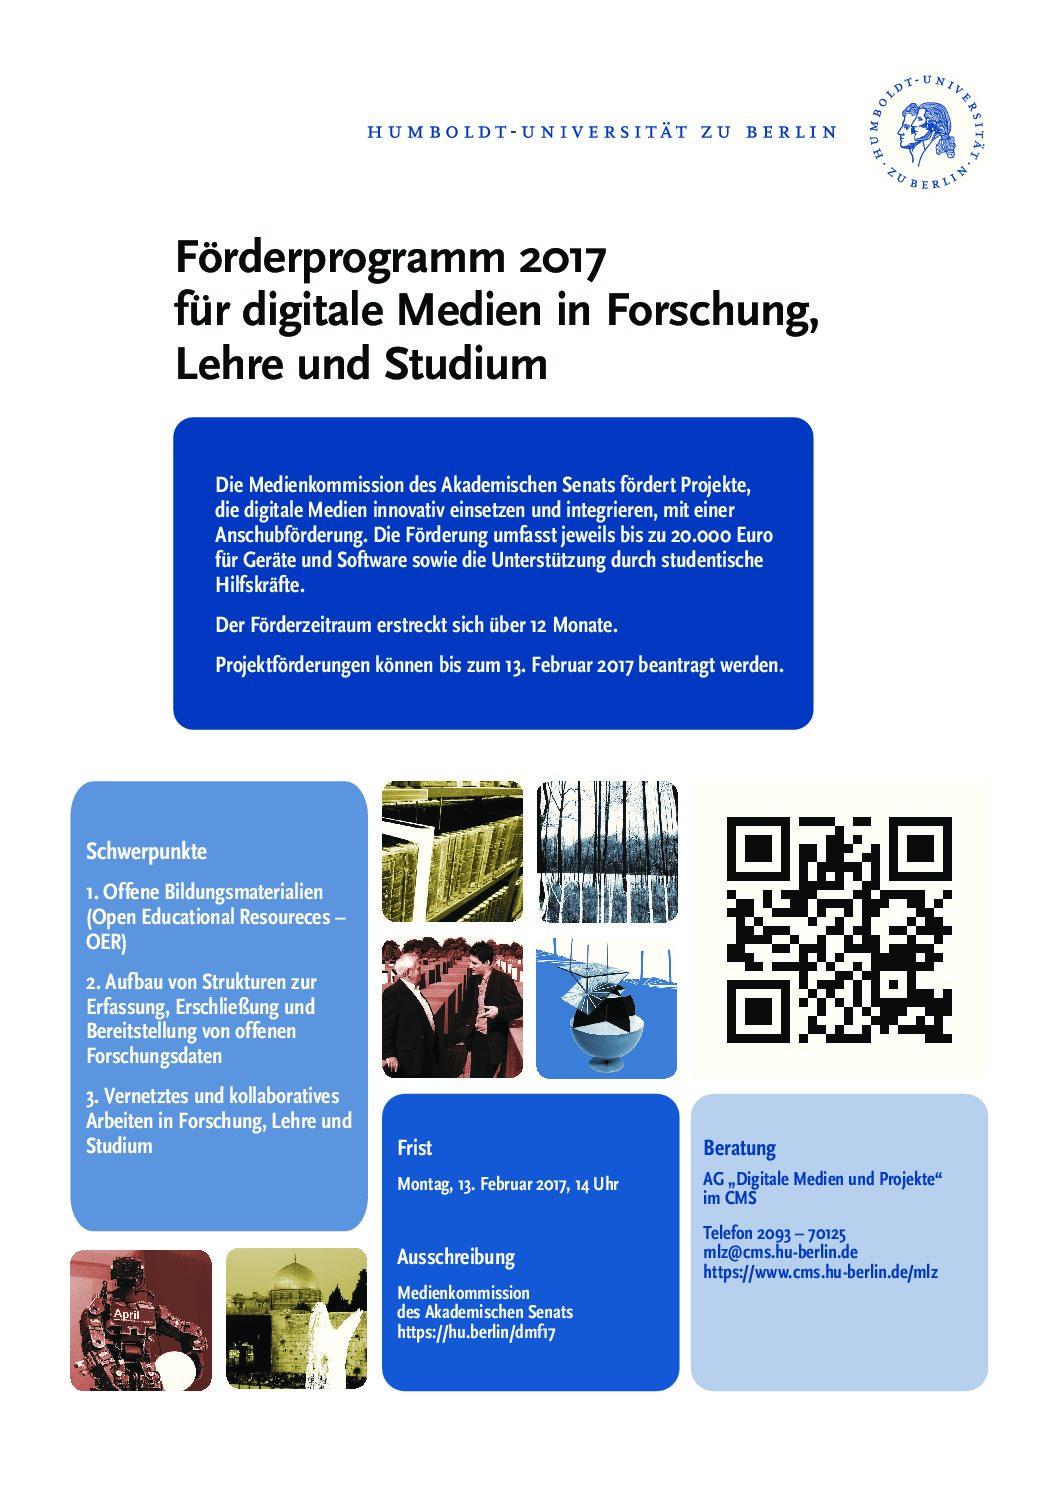 Förderprogramm DM 2017